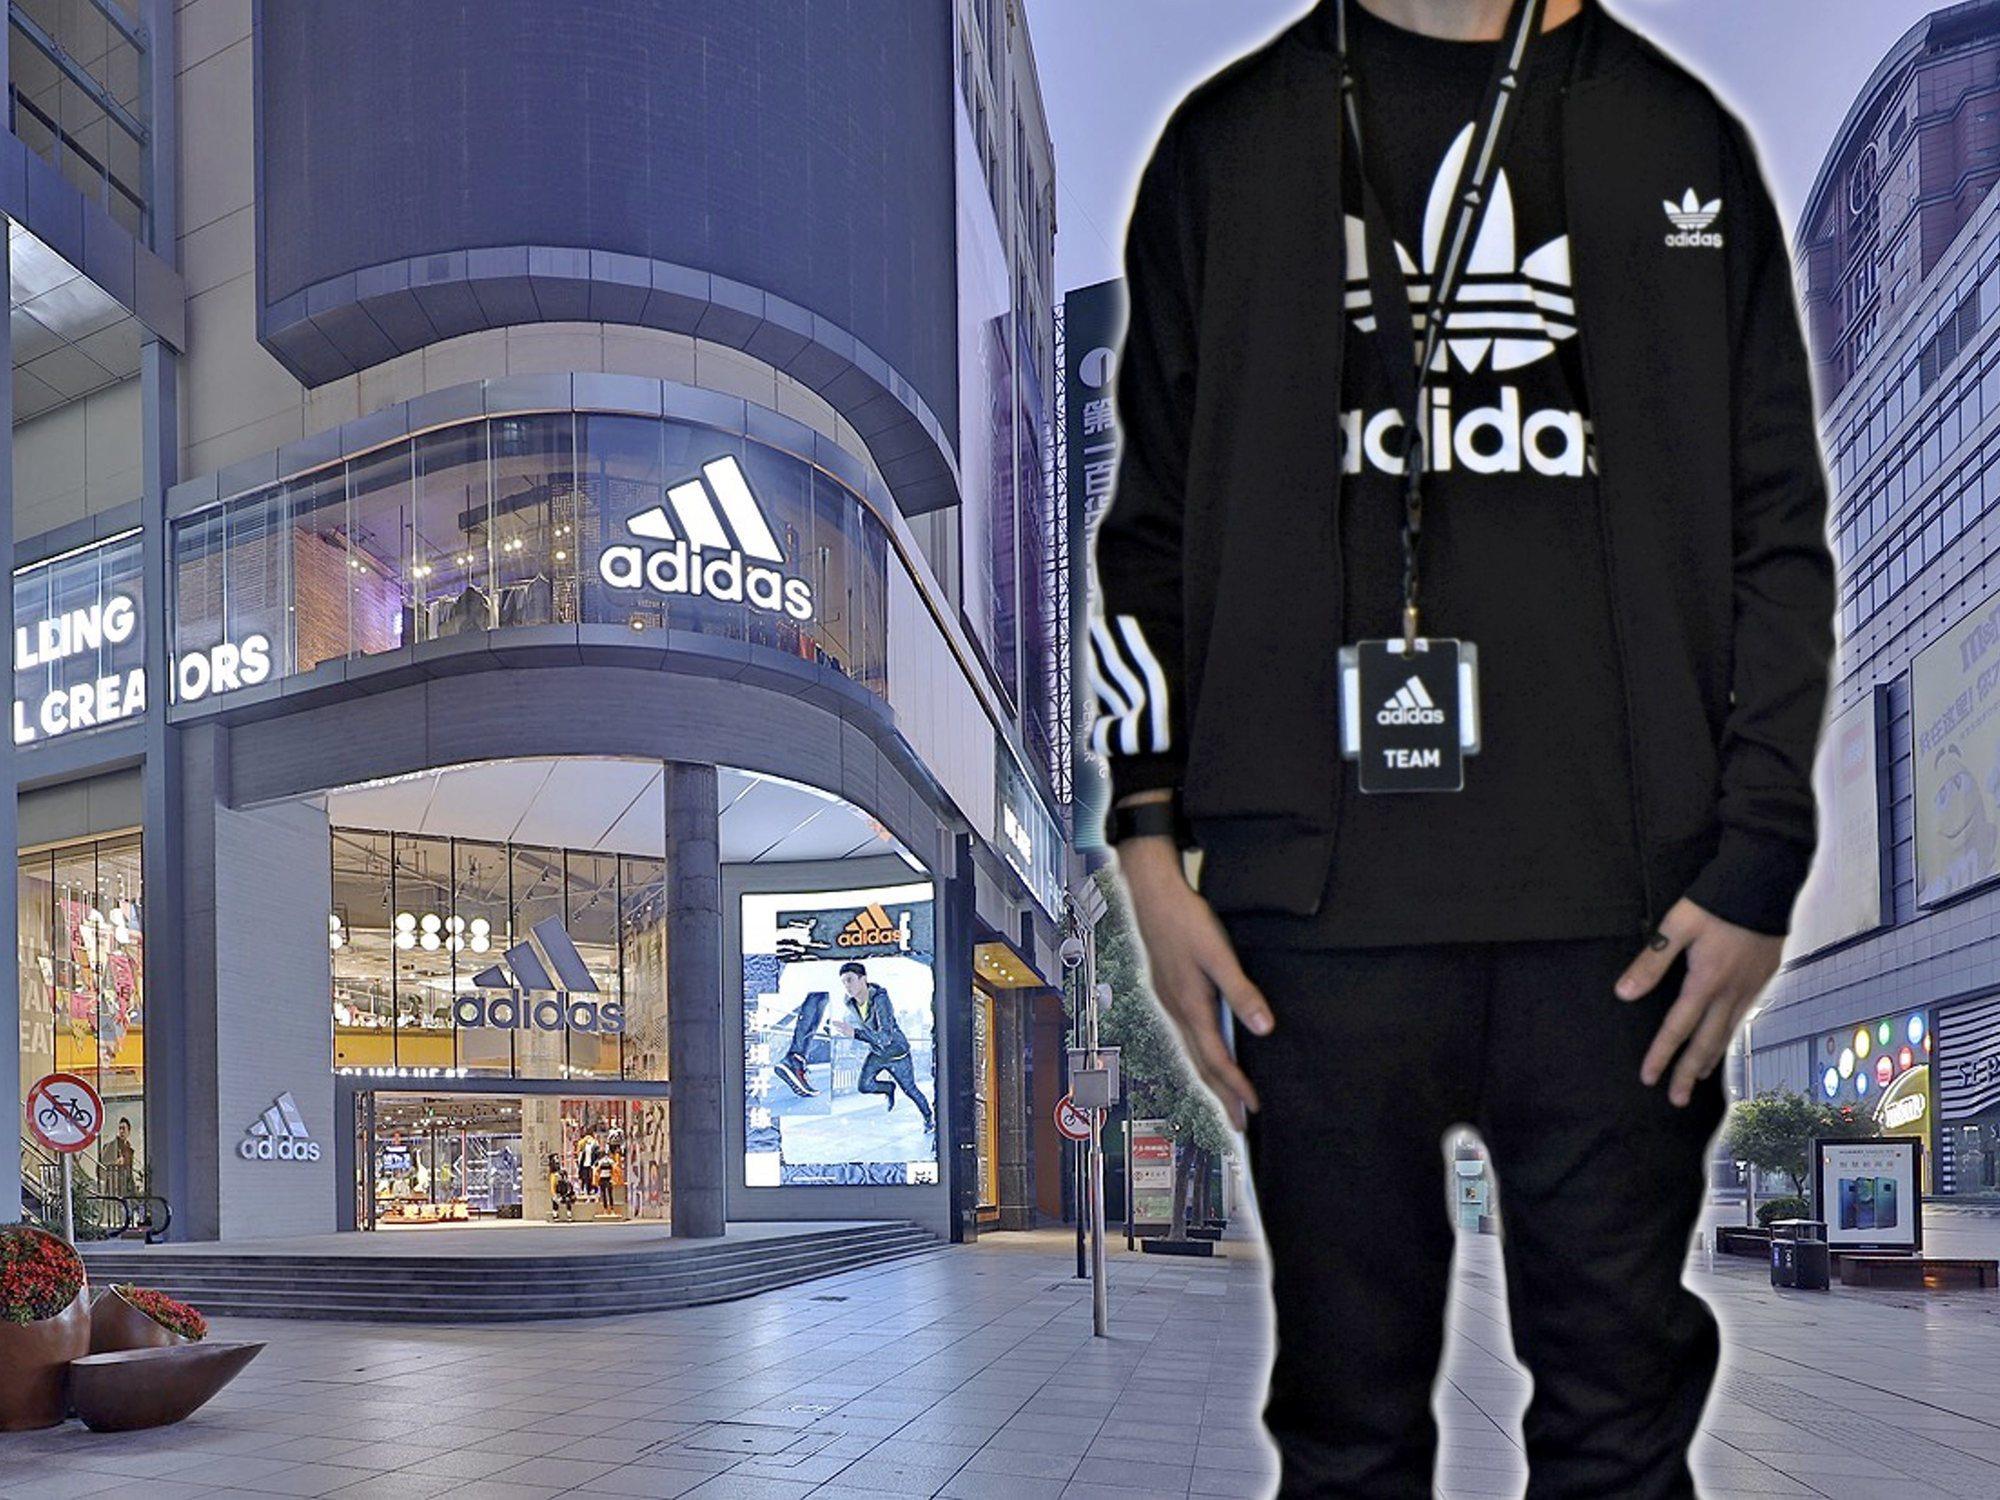 juego Haciendo El diseño  Trabajar en Adidas: así son las condiciones y salarios de sus empleados -  Los Replicantes